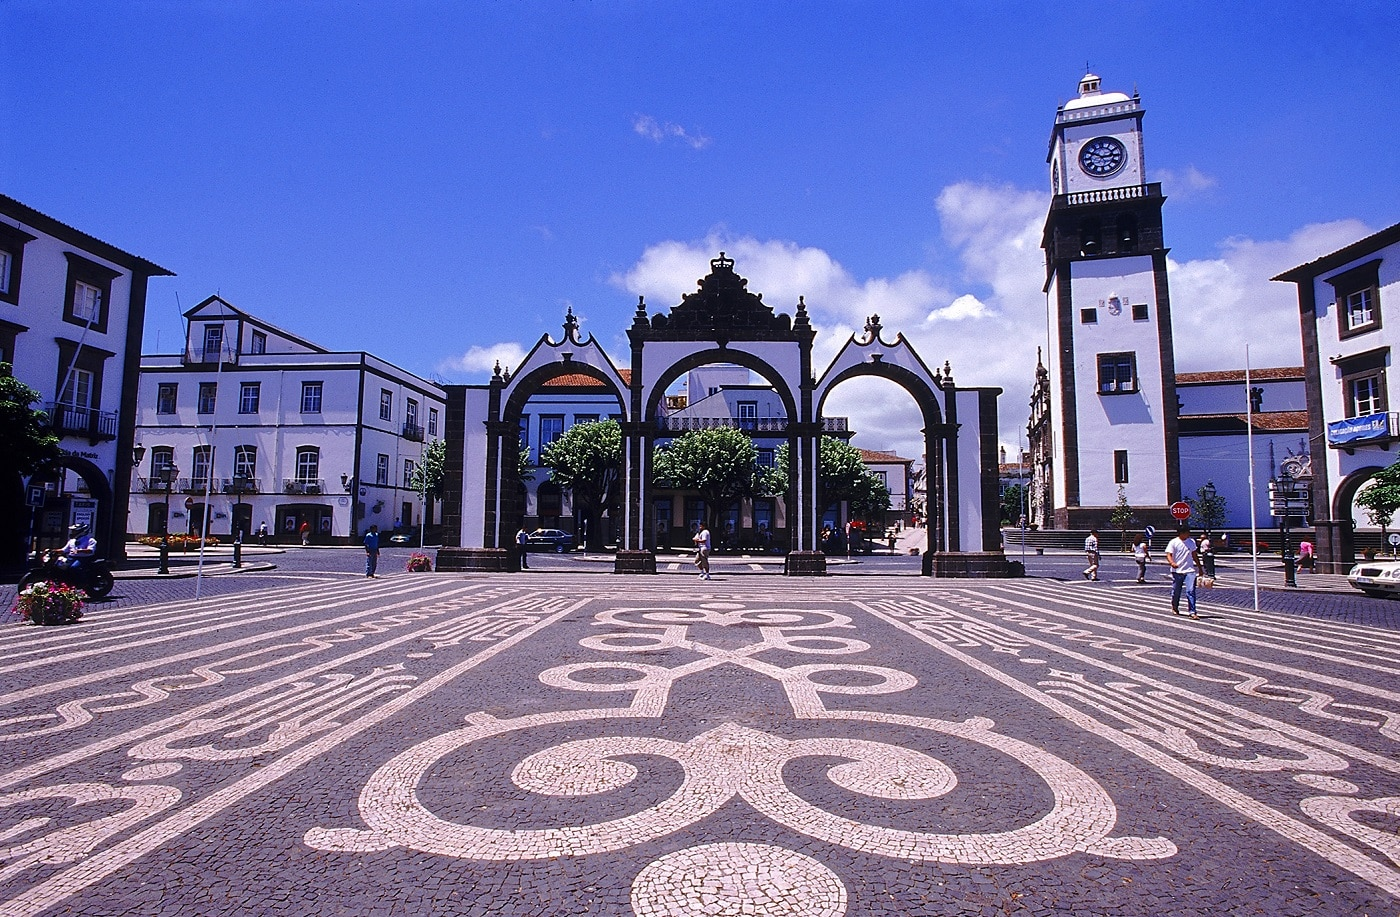 Imagini de vis din Insula Sao Miguel